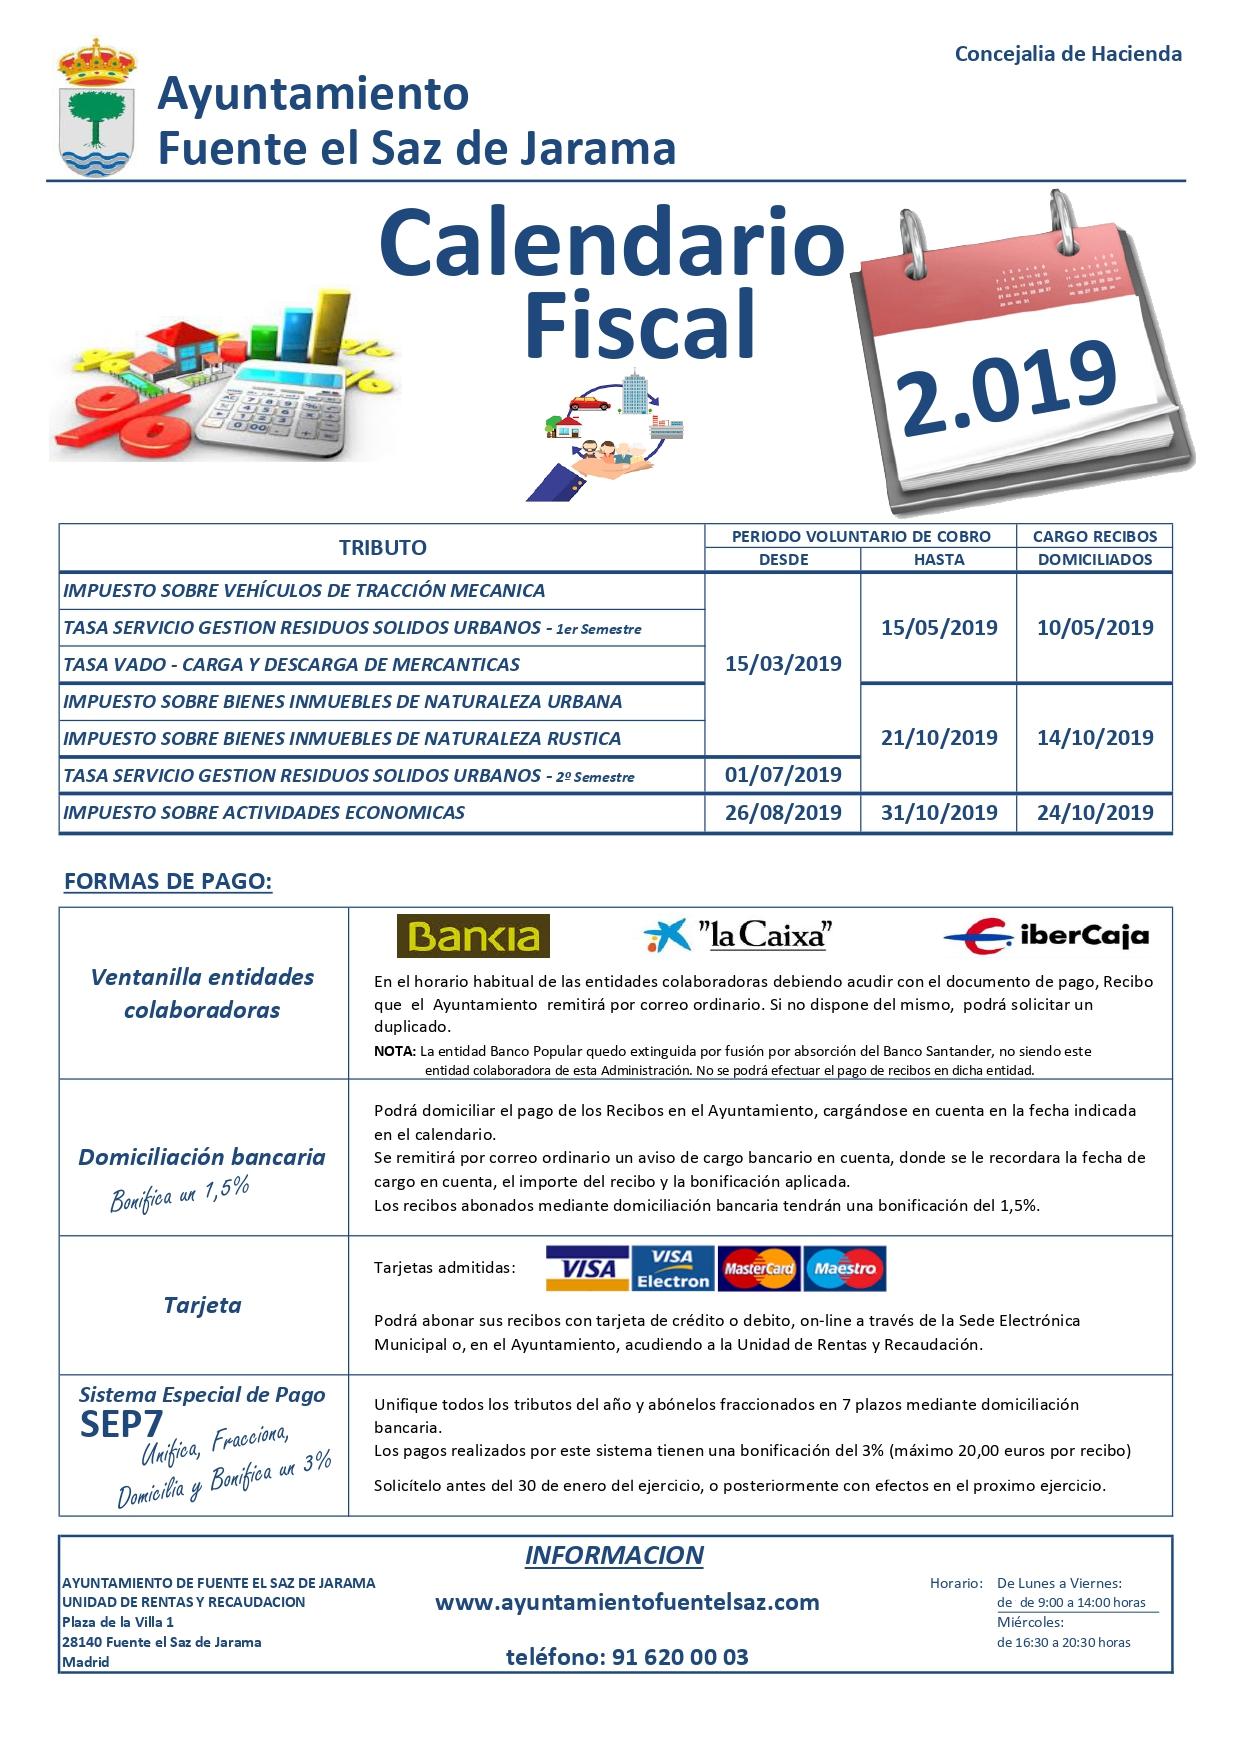 Calendario Fiscal.Calendario Fiscal